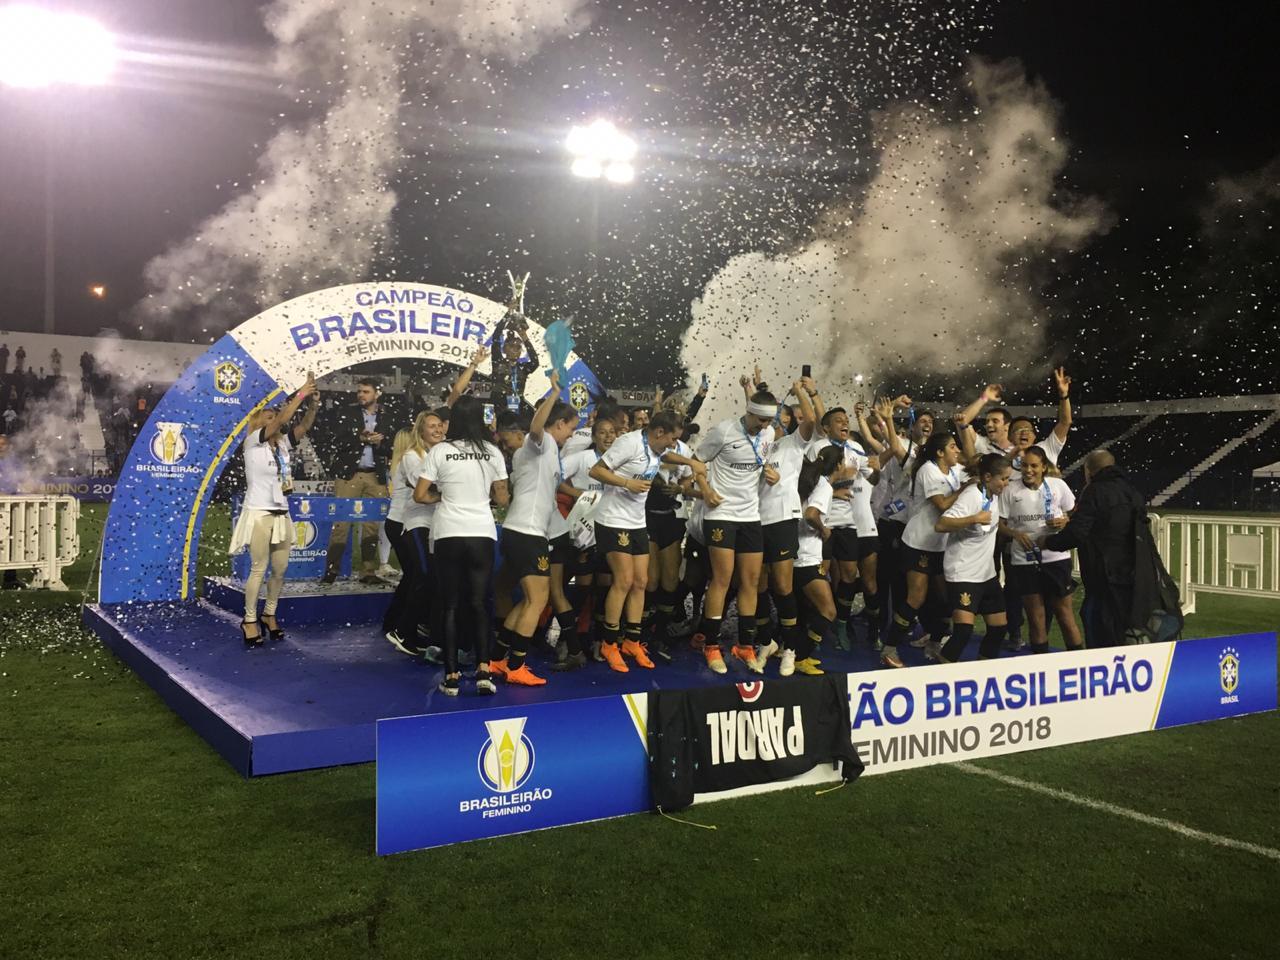 ... em todo o campeonato  o Corinthians terminou a temporada com a  conquista merecida do título inédito no Campeonato Brasileiro de Futebol  Feminino. 9cd4cef91b3f5